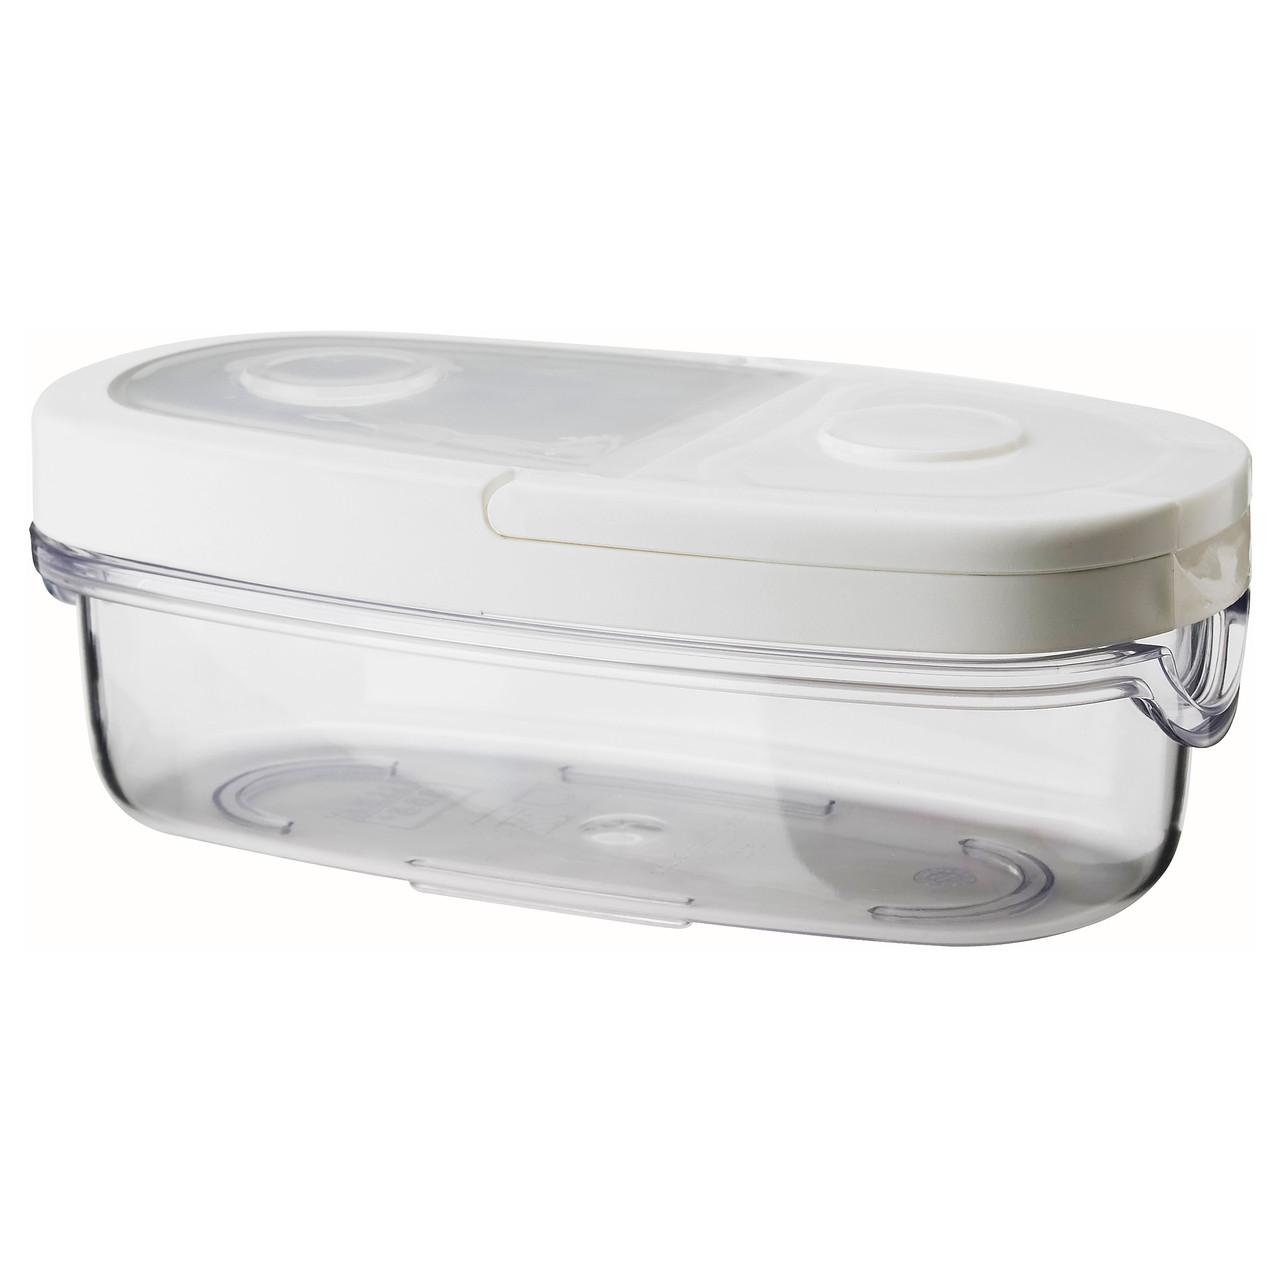 IKEA 365+ Контейнер+крышка д/сухих продуктов, прозрачный, белый 800.667.18